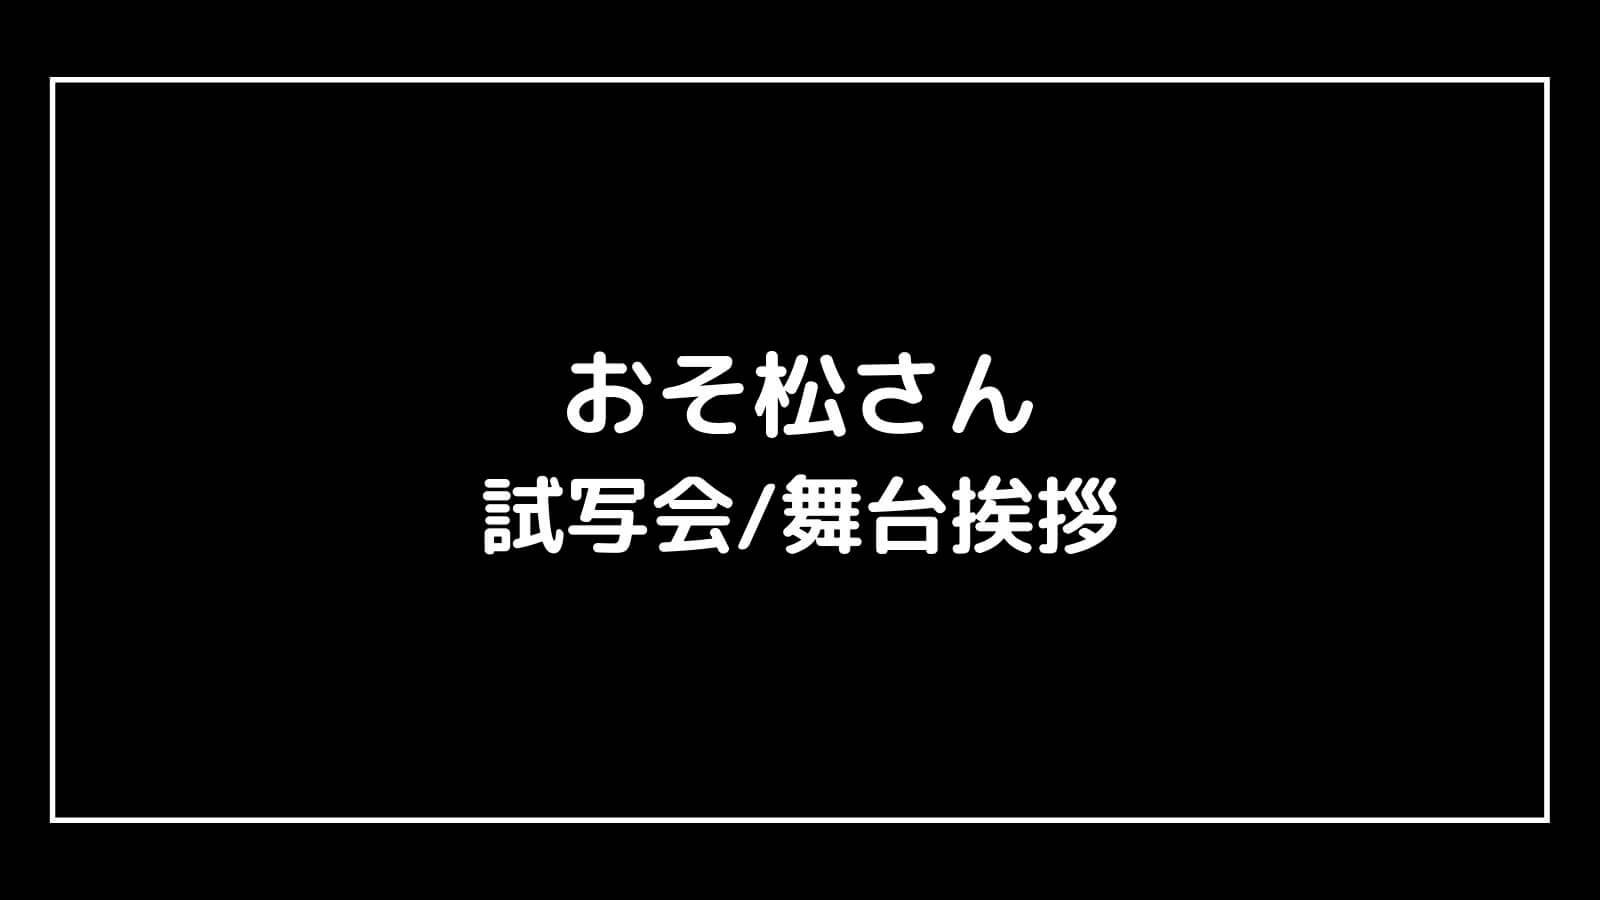 2022年映画『おそ松さん(Snow Man)』の試写会と舞台挨拶ライブビューイング情報